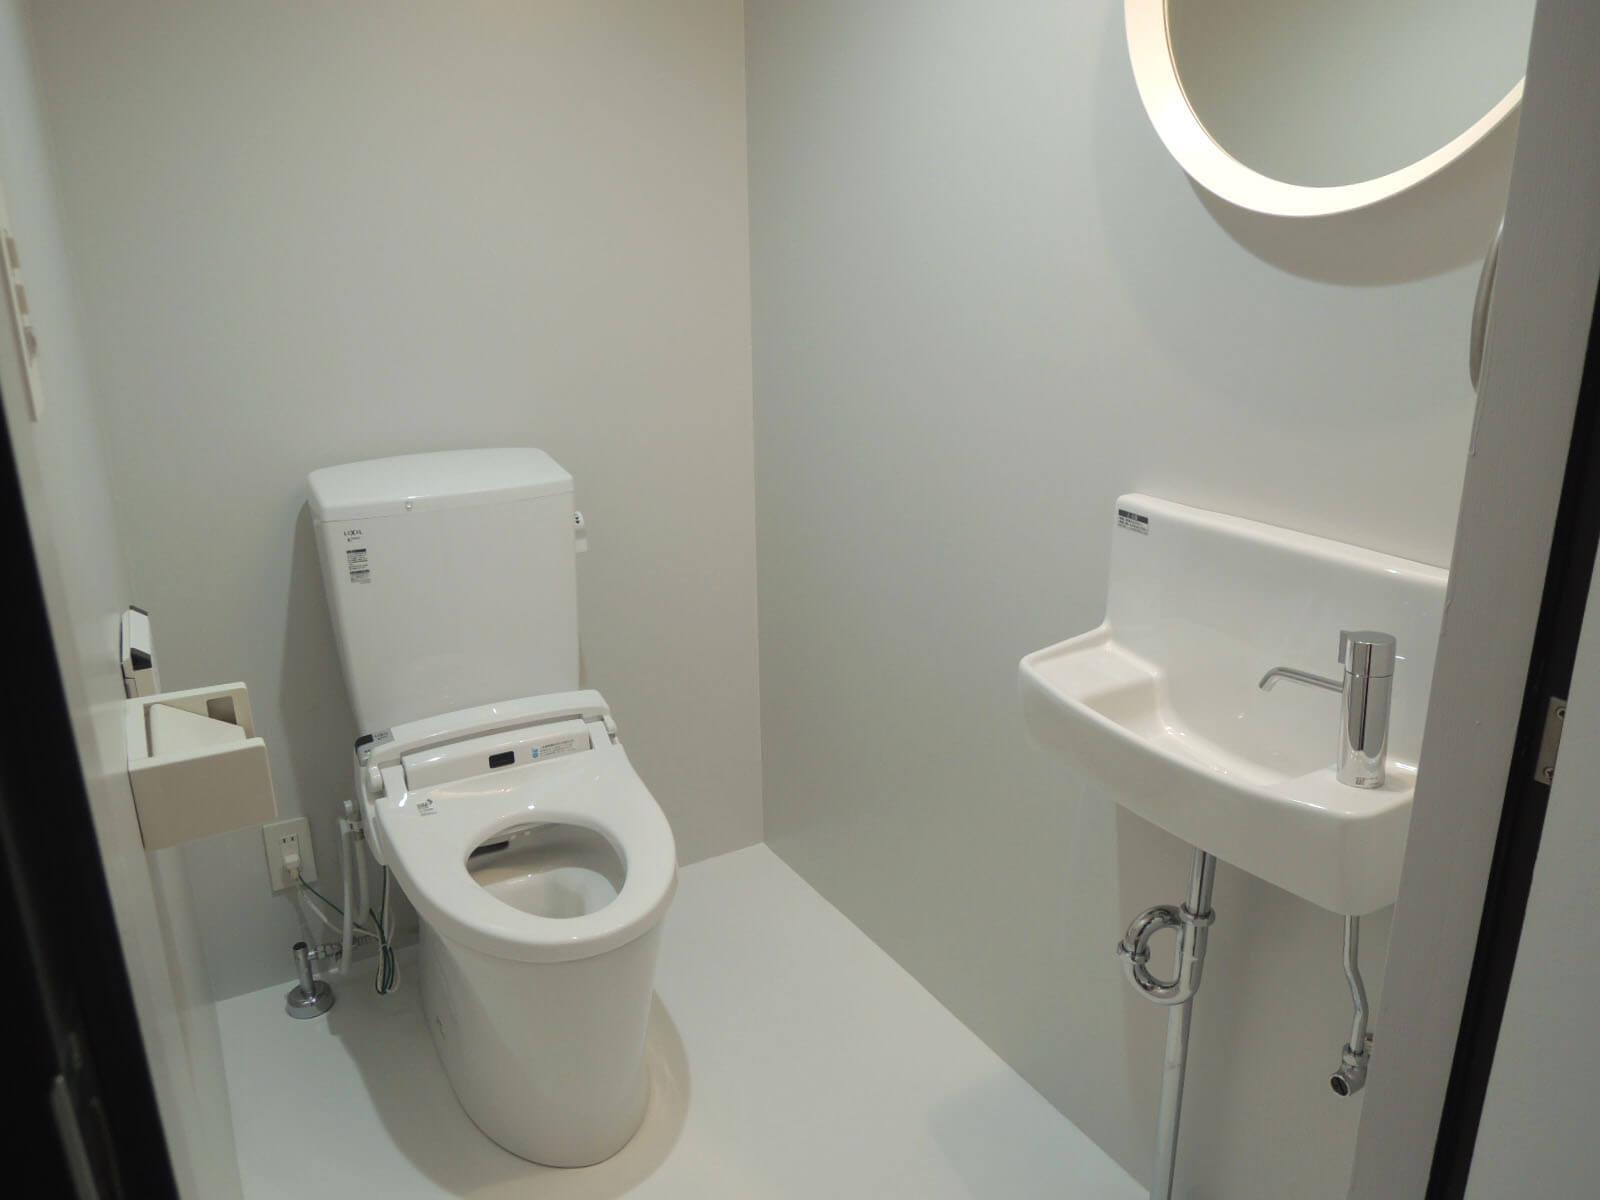 キッチンに続いて、おとなりのトイレ内も真っ白